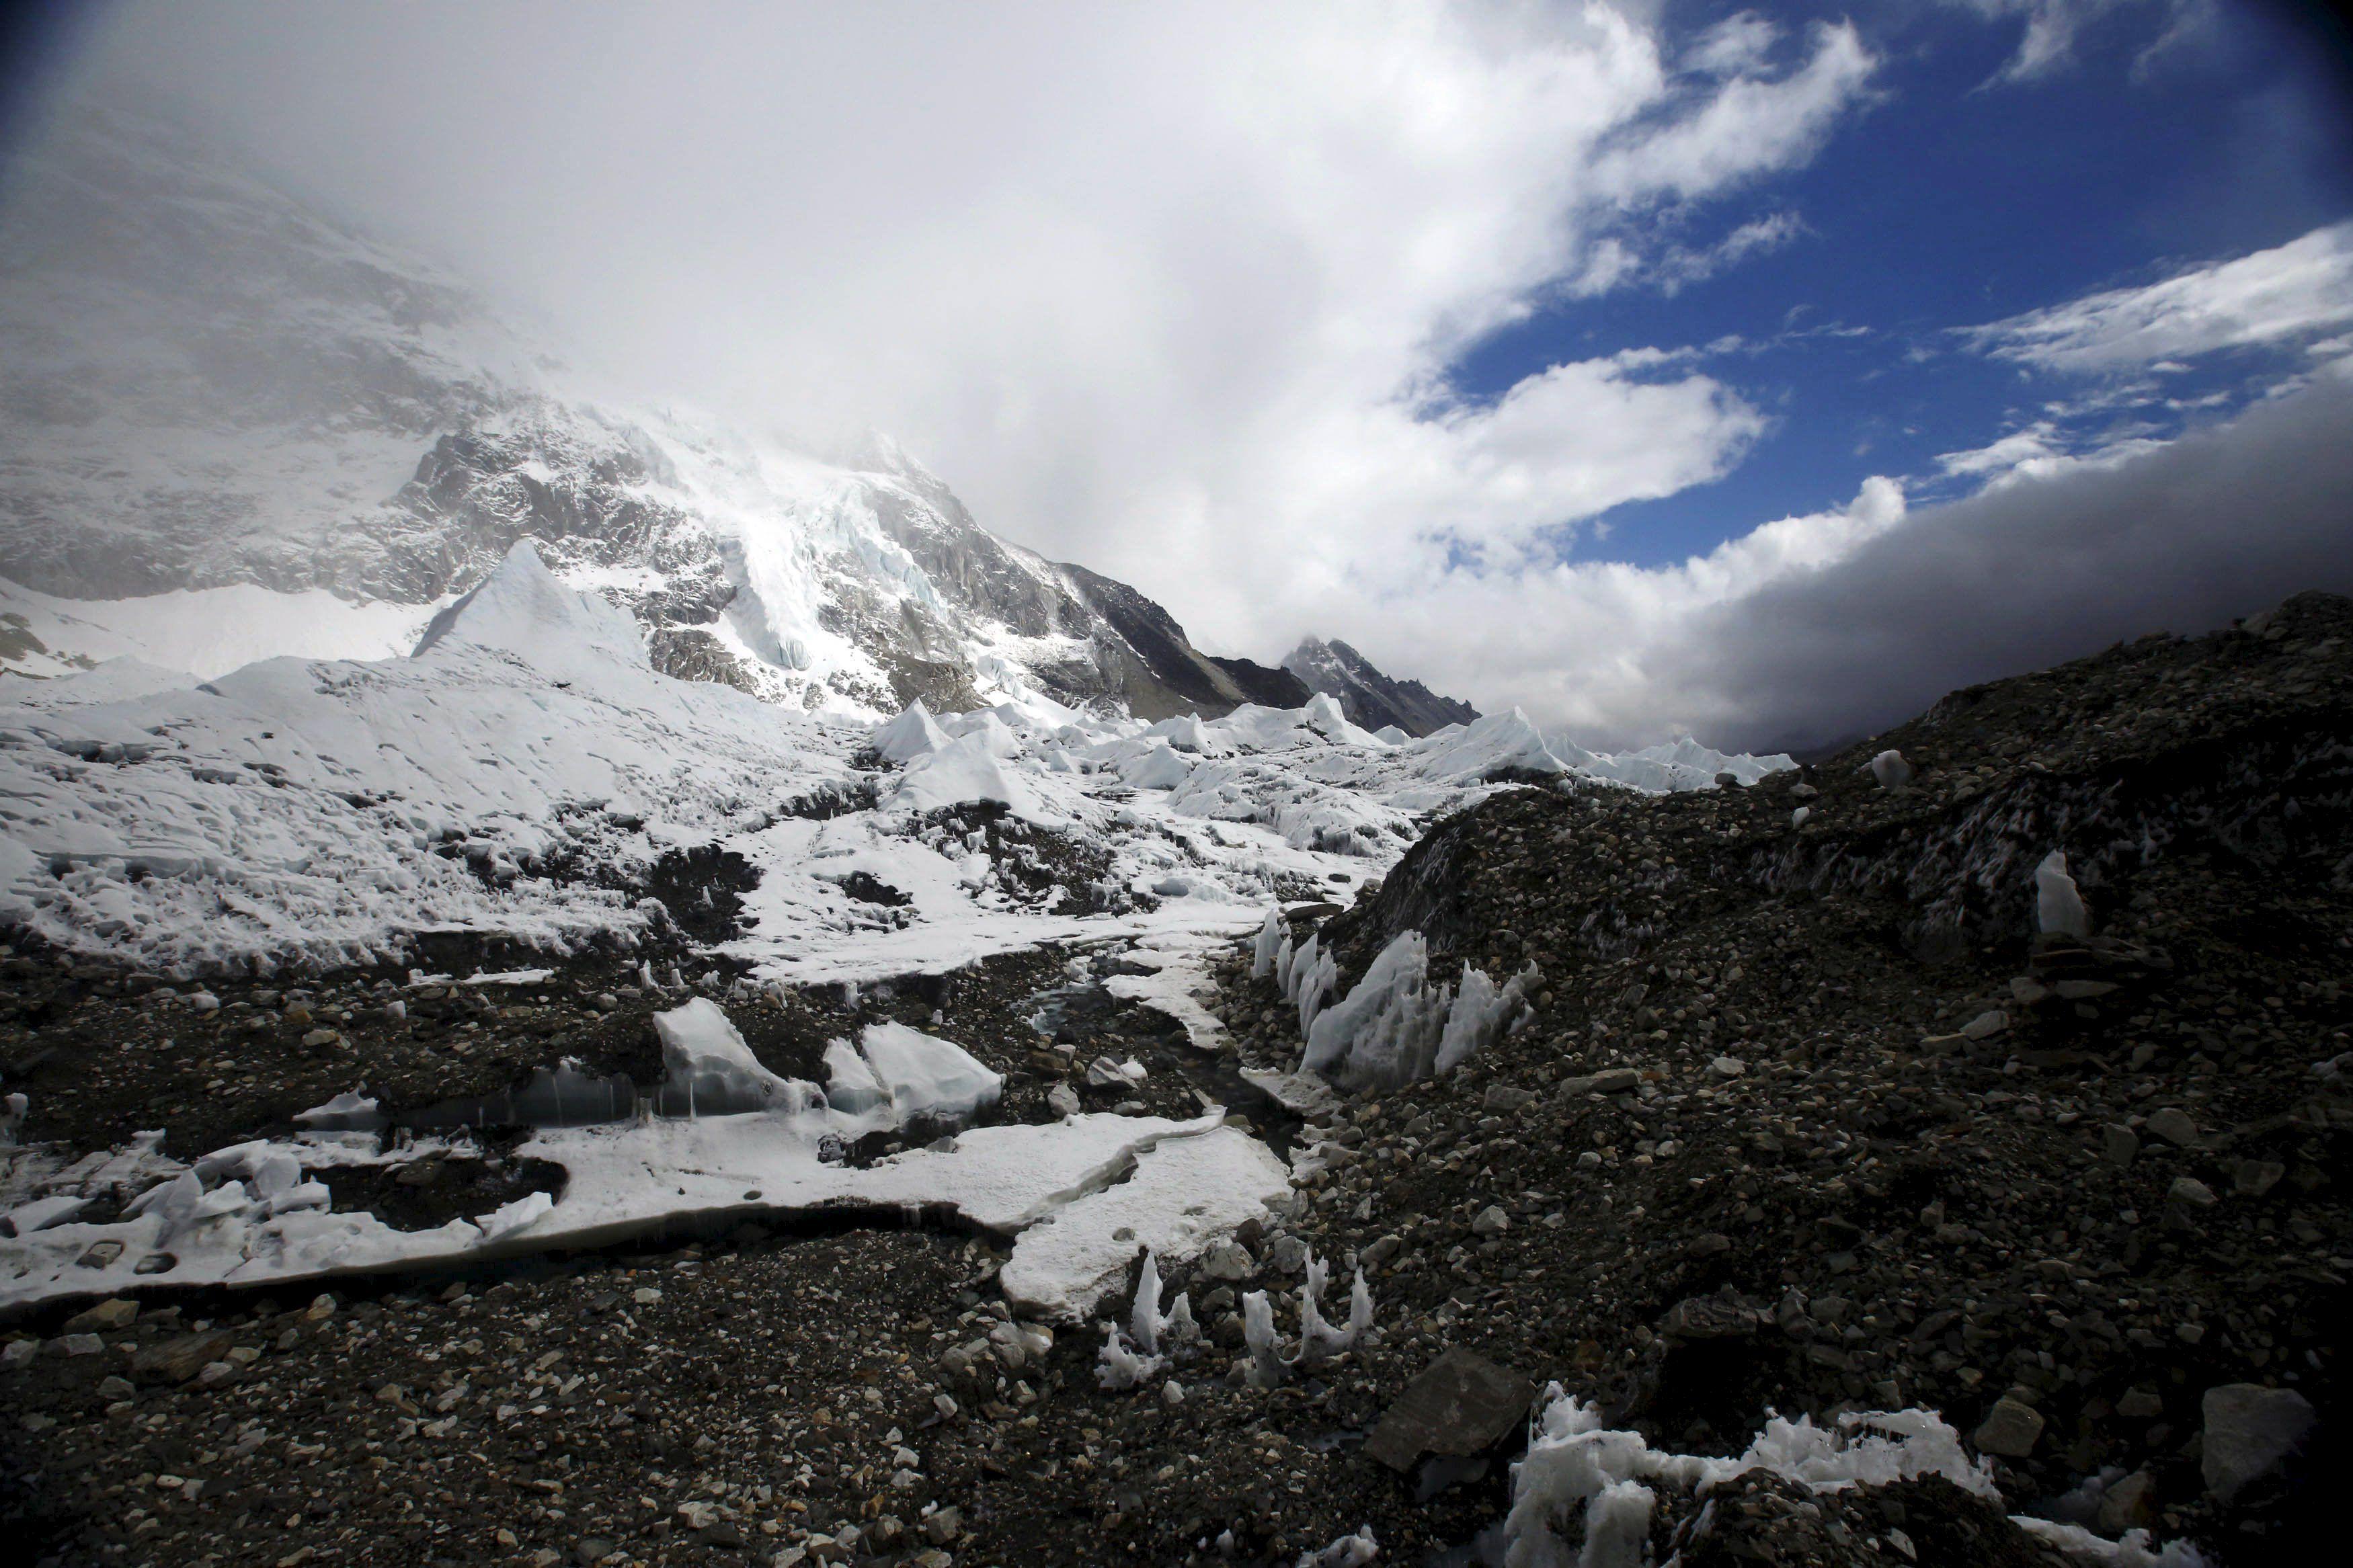 После землетрясения в Гималаях сошла серия мощных лавин